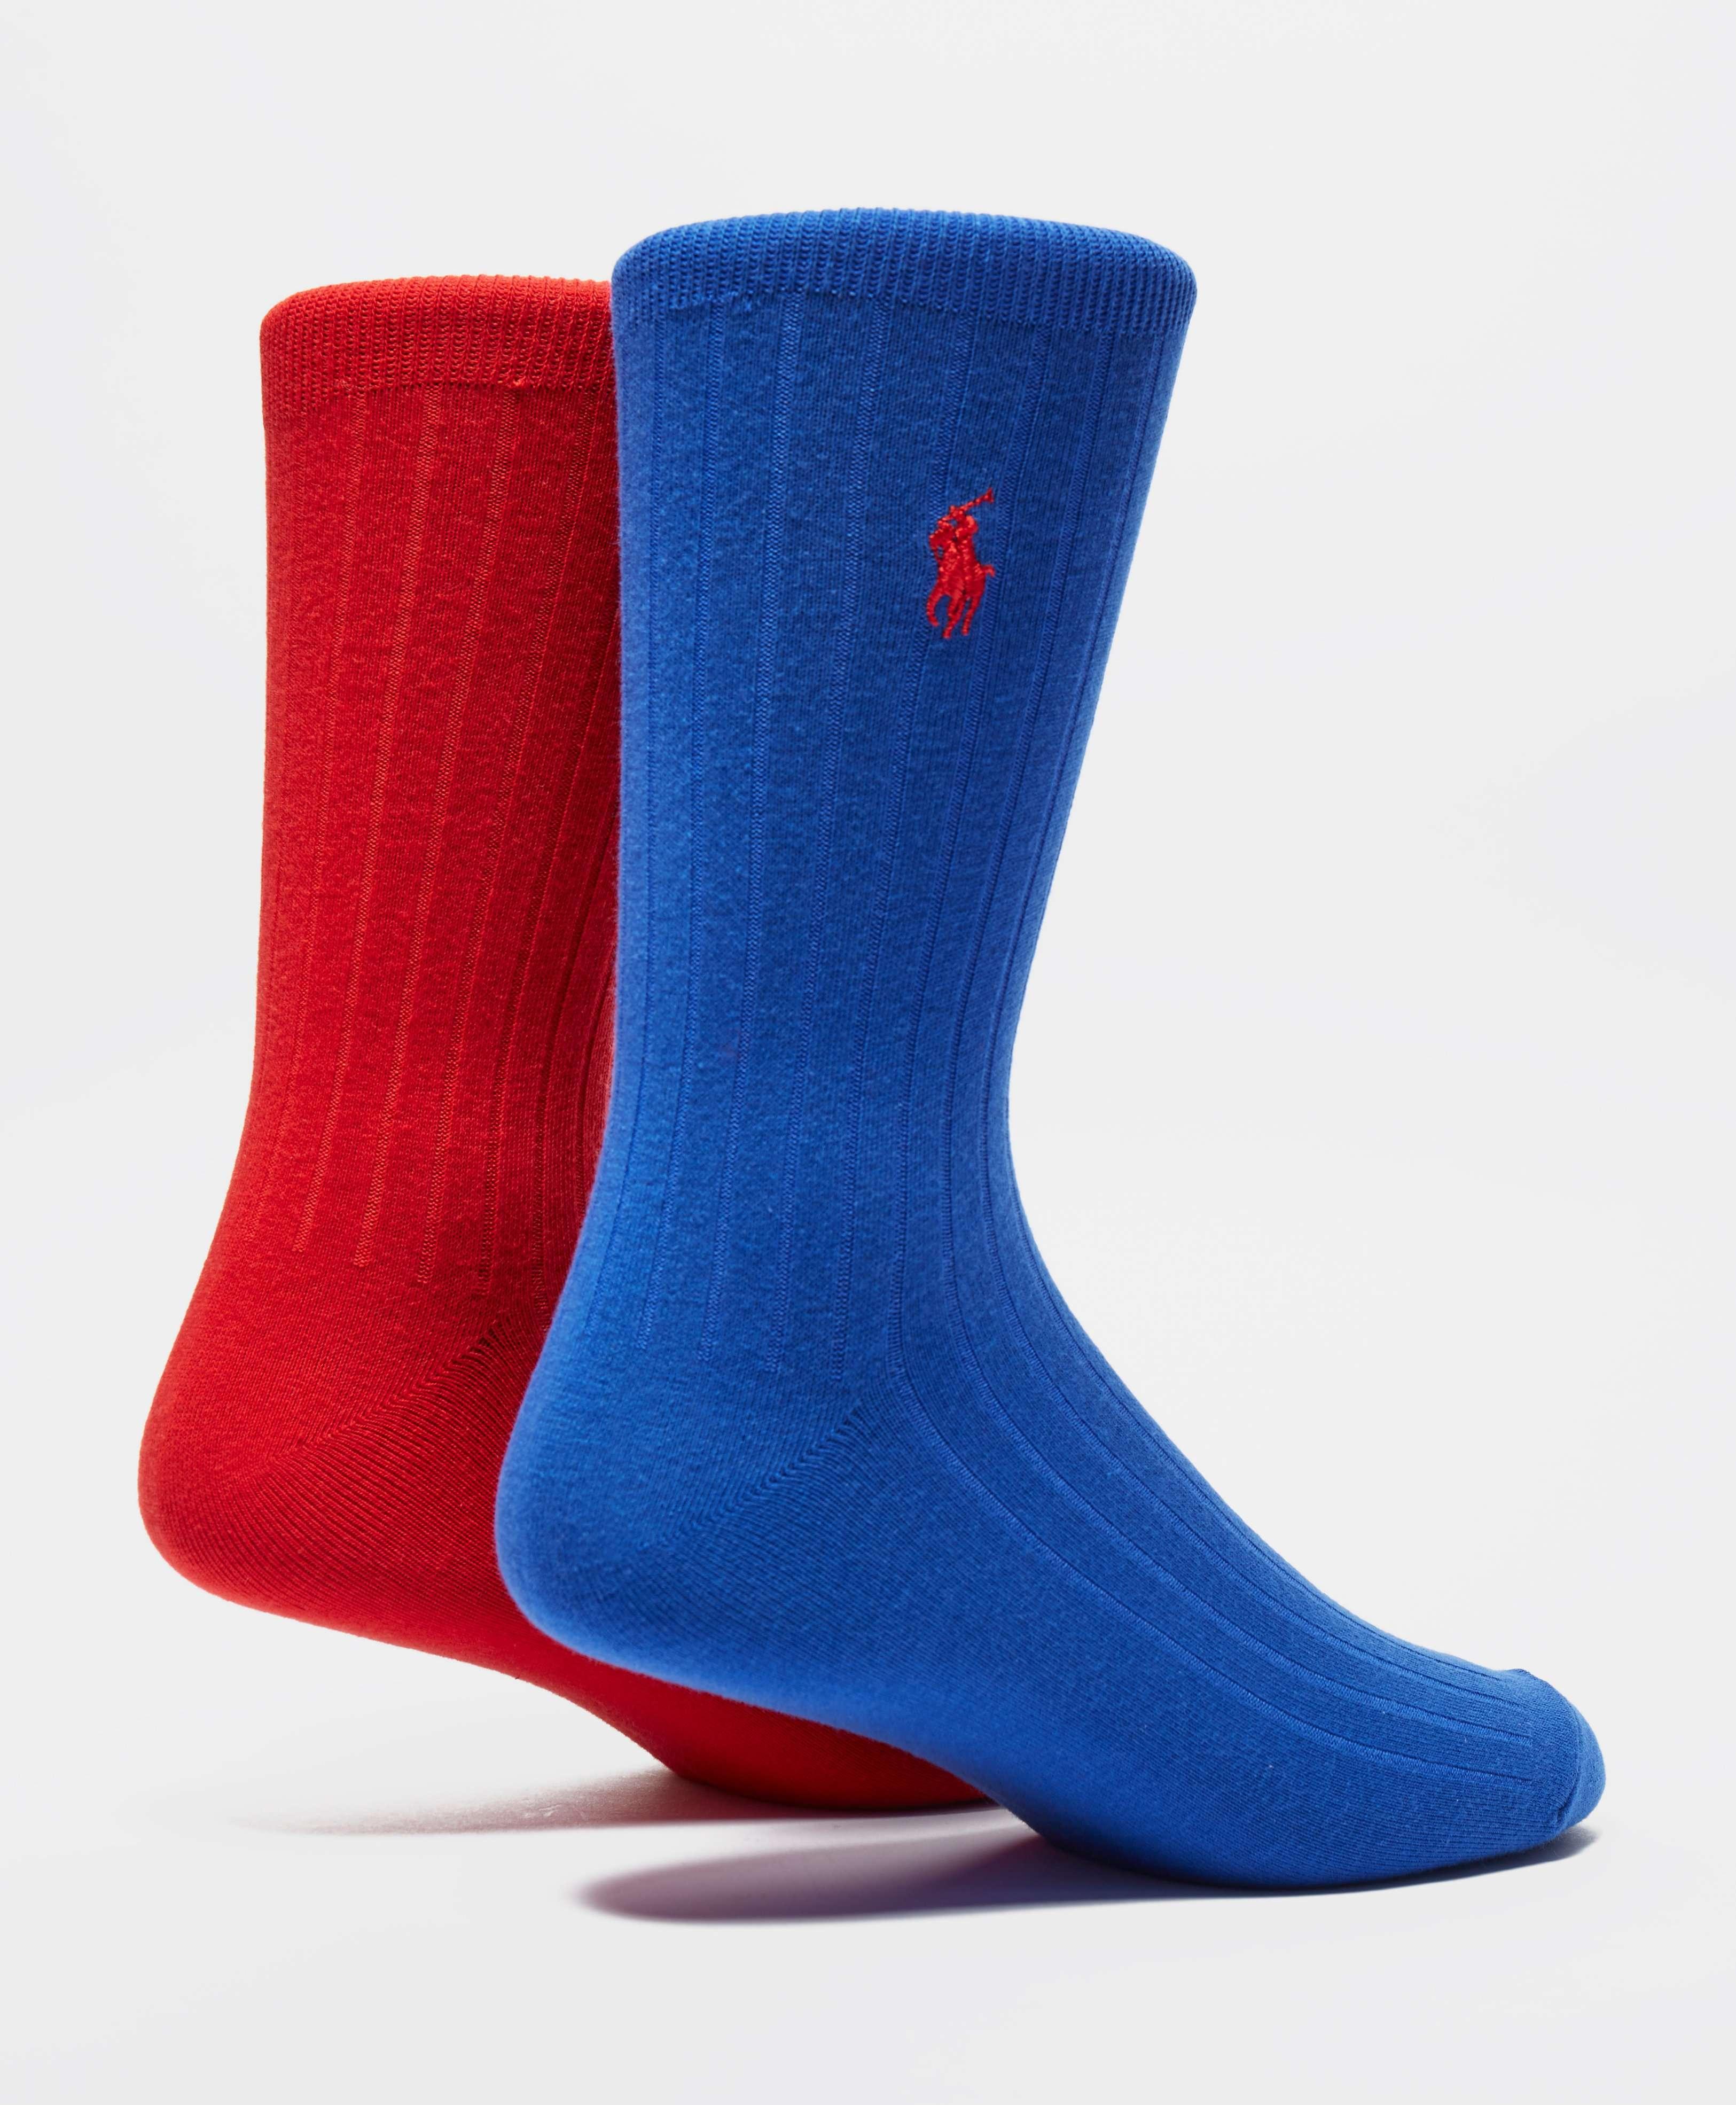 Polo Ralph Lauren 2-Pack Socks